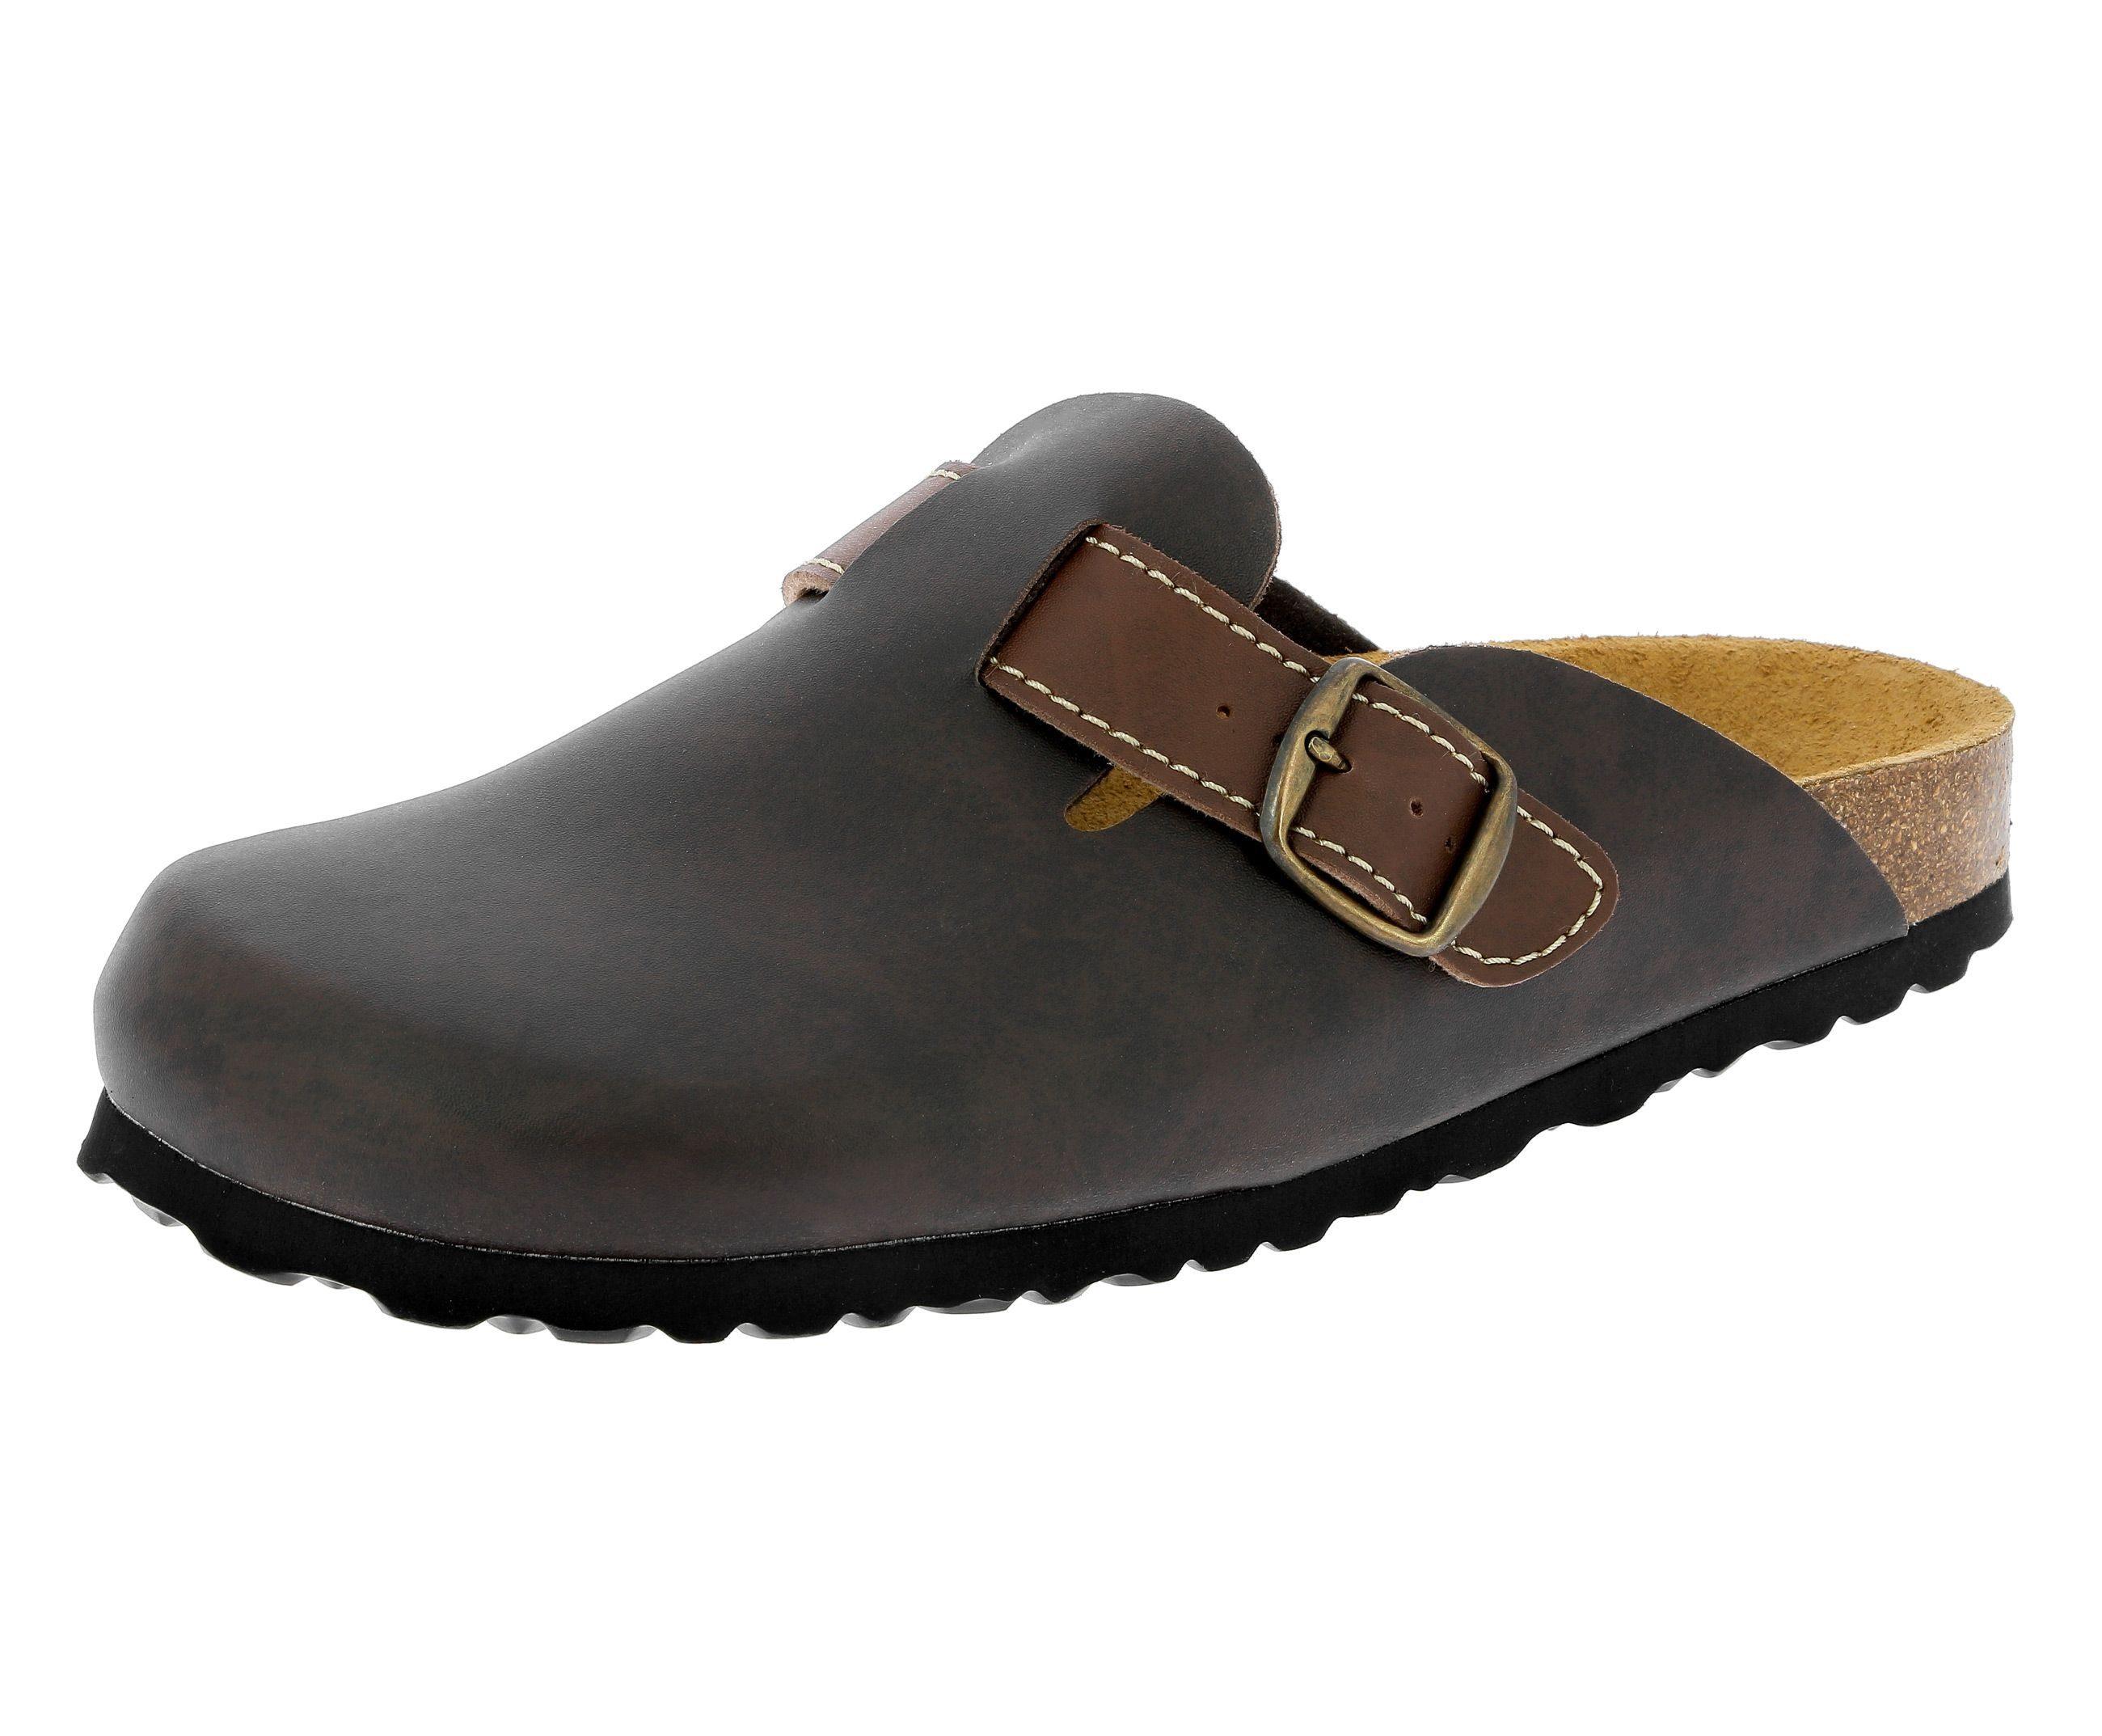 Lico Pantolette Bioline Clog Style   Schuhe > Clogs & Pantoletten   Lico